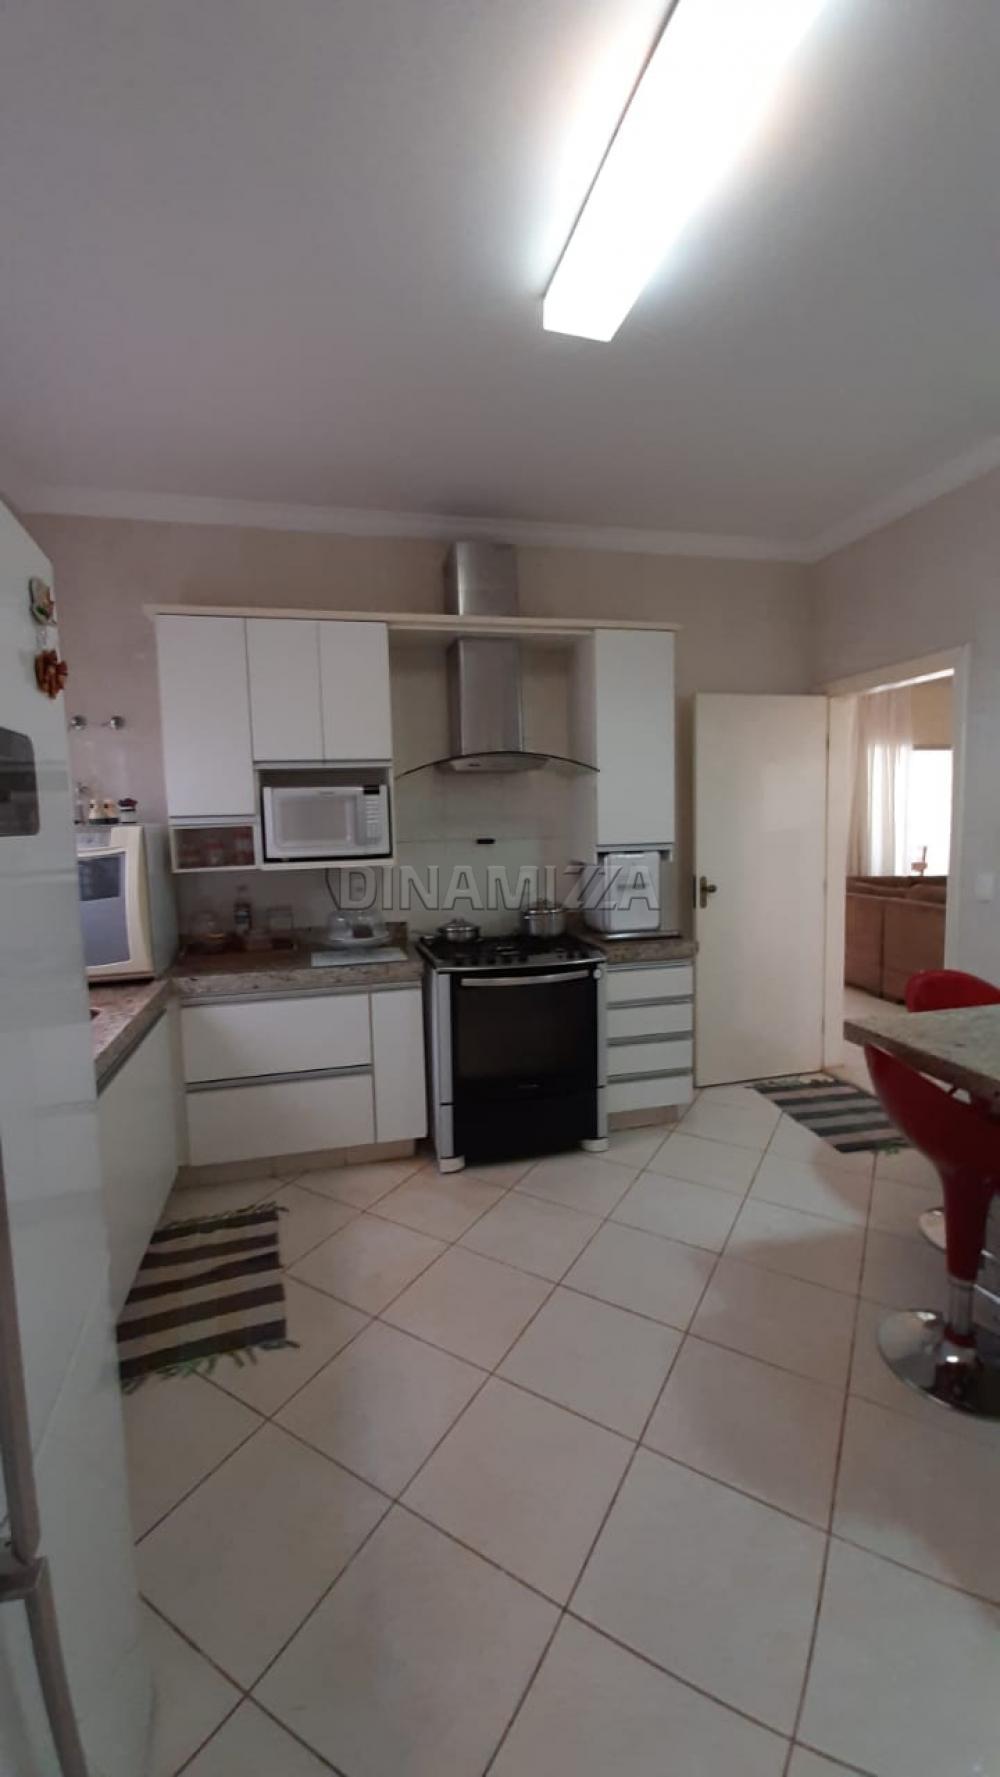 Alugar Casa / Padrão em Uberaba apenas R$ 3.500,00 - Foto 16